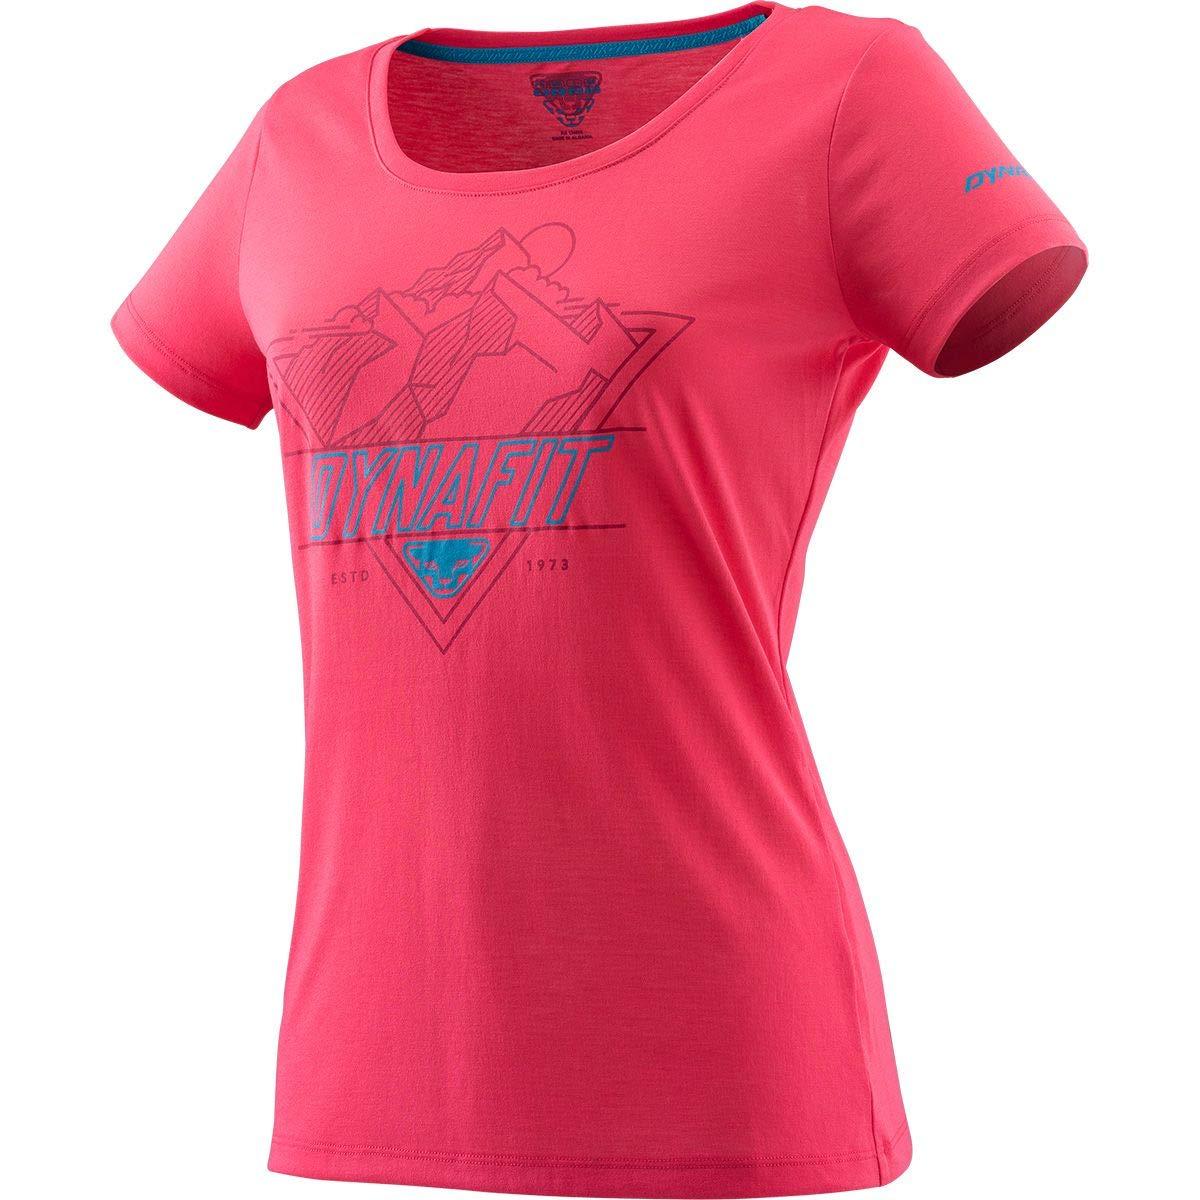 Dynafit Damen transalper Graphic t-Shirt t-Shirt t-Shirt Funktionsshirt neu B07P49DPC3 T-Shirts Clever und praktisch bce6c9